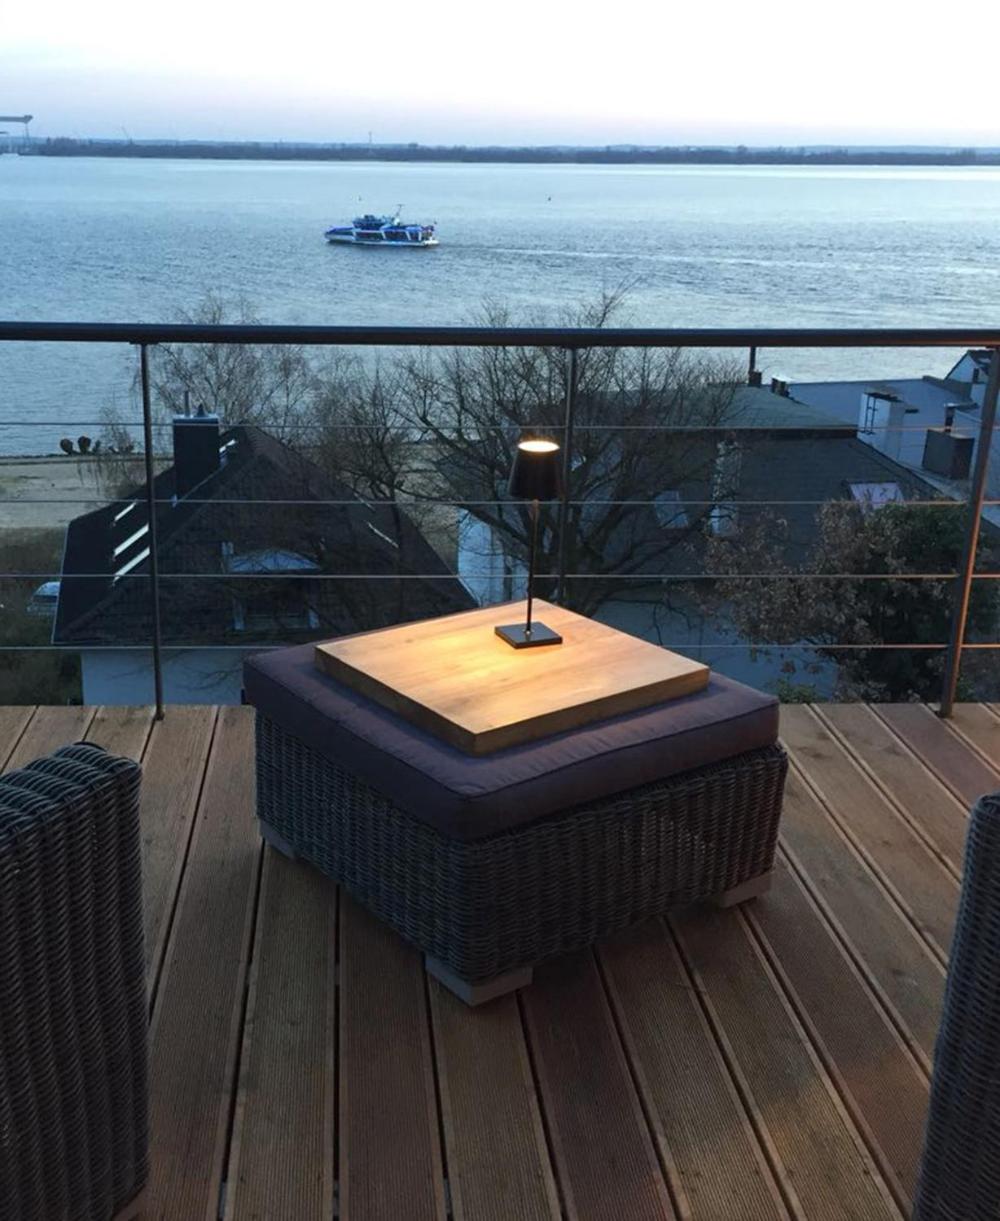 Nuindie Akku Tischleuchten Dimmbar Sigor Prediger In 2020 Leuchten Tischleuchte Balkon Lampe